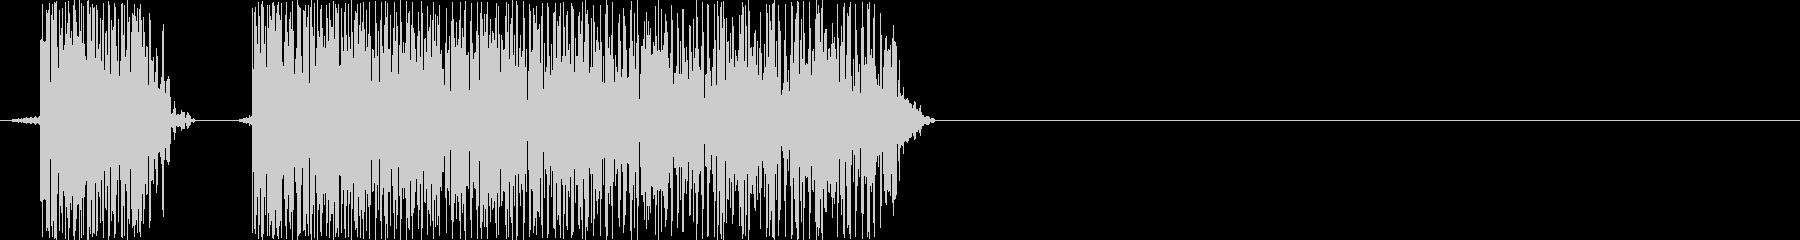 ブブー(PCやロボットのエラー音)の未再生の波形